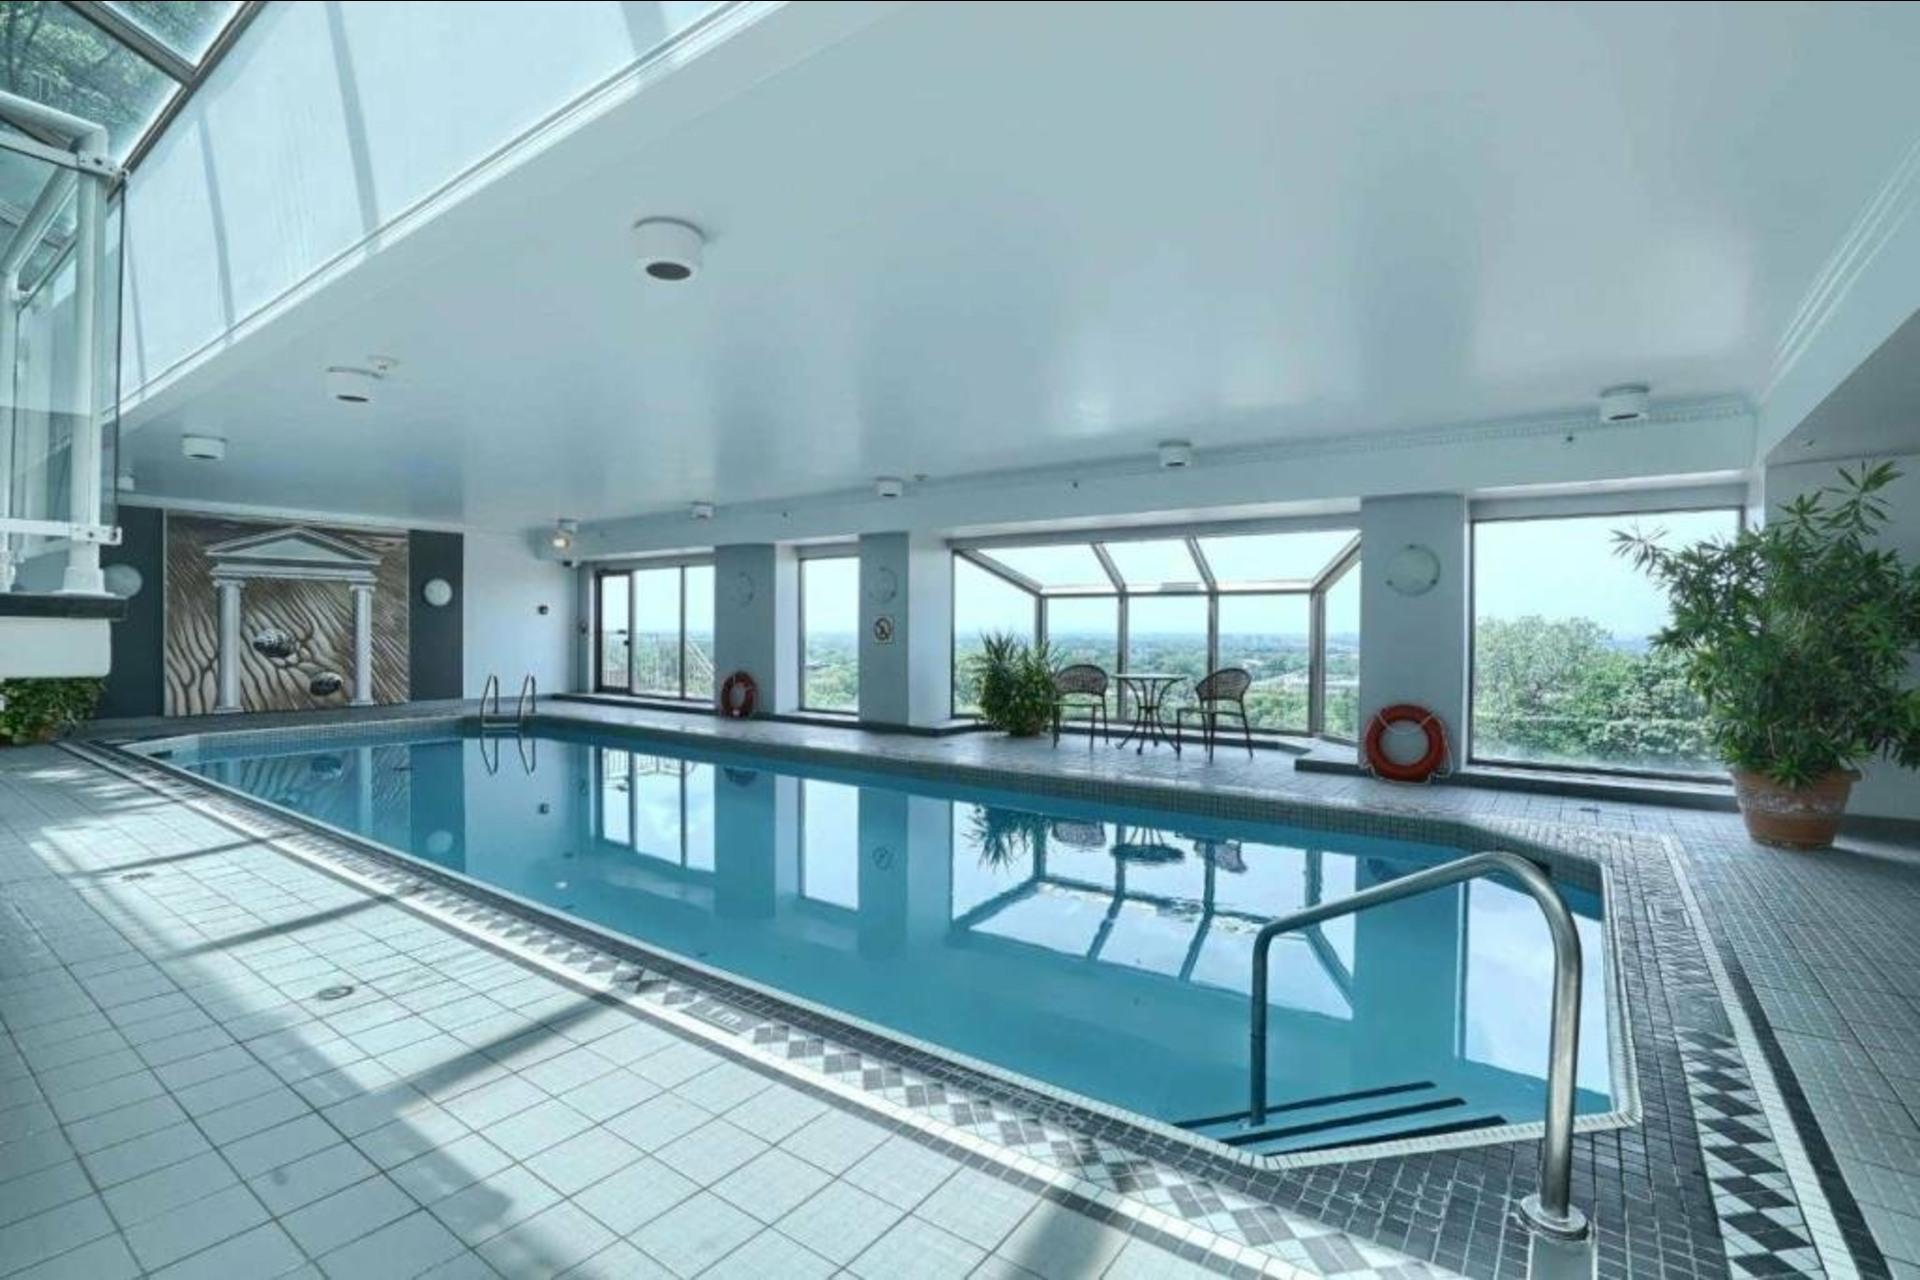 image 36 - Apartment For sale Côte-des-Neiges/Notre-Dame-de-Grâce Montréal  - 5 rooms